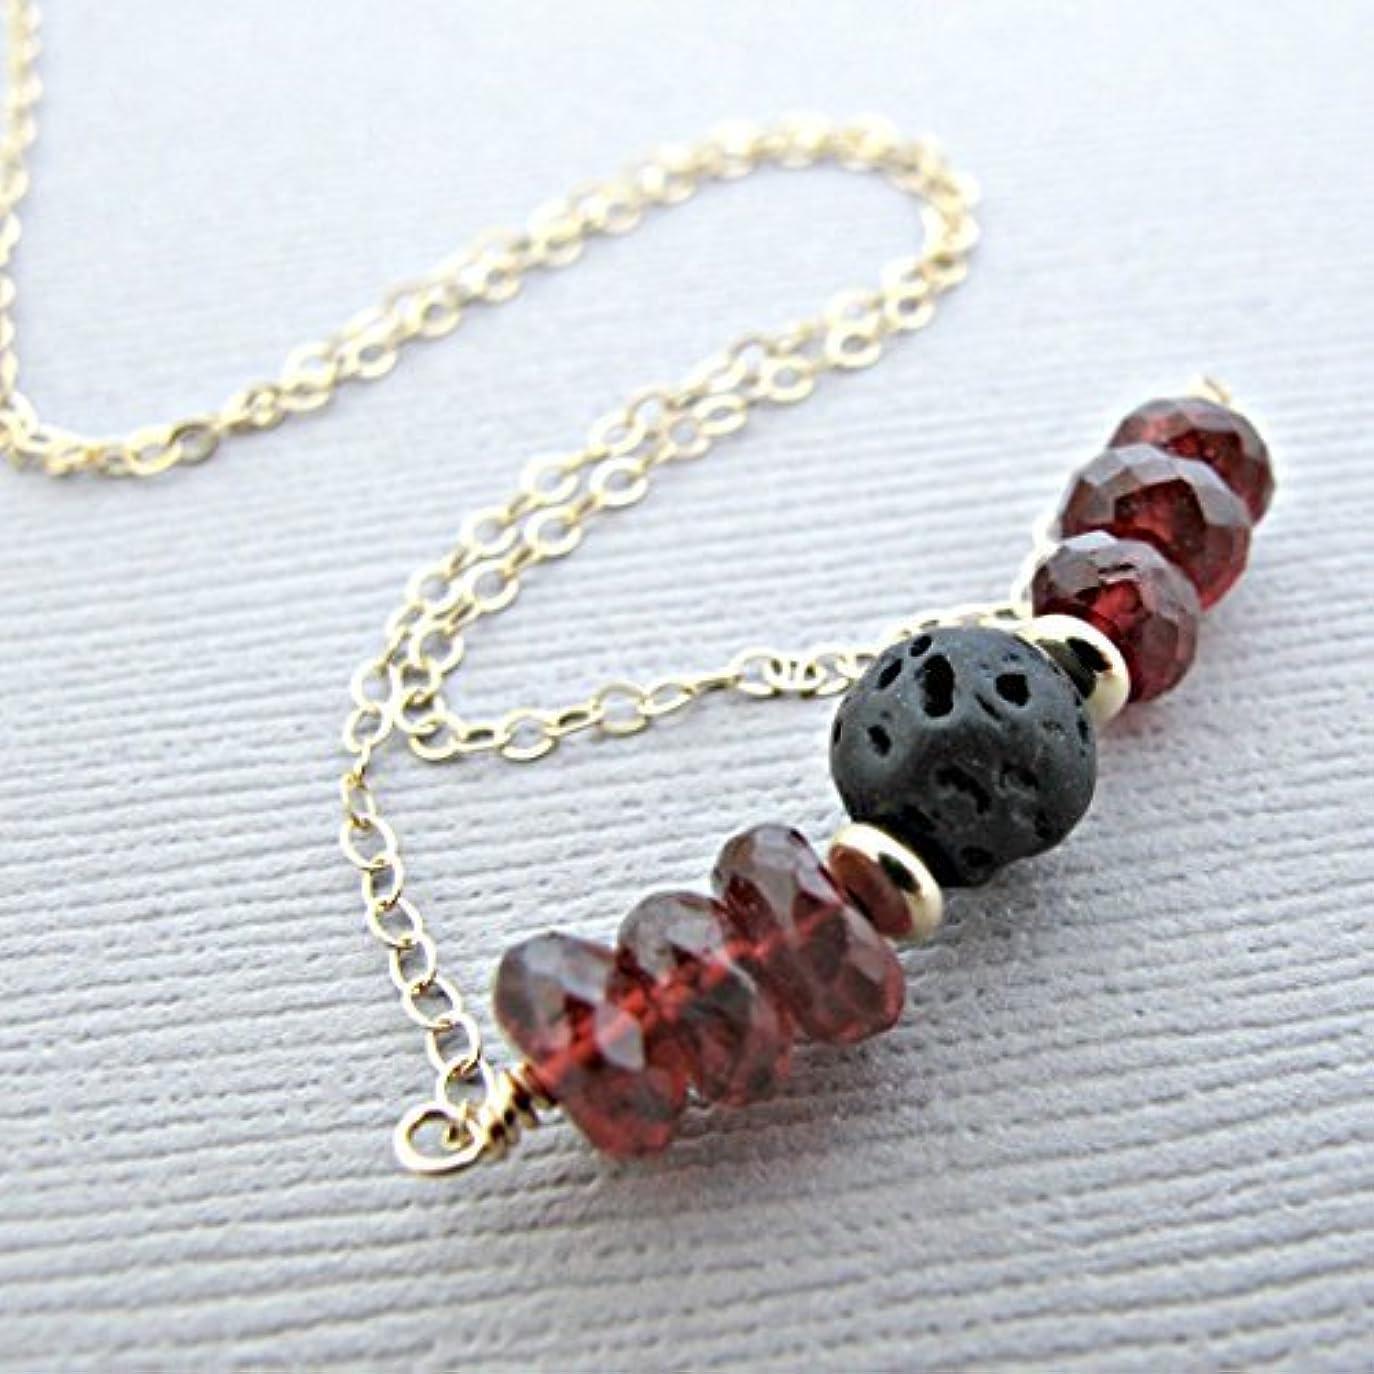 口そんなに不良品Garnet Lava Pendant Essential Oil Necklace Diffuser Aromatherapy - Simple Minimalist Lava Bead Diffuser Necklace...